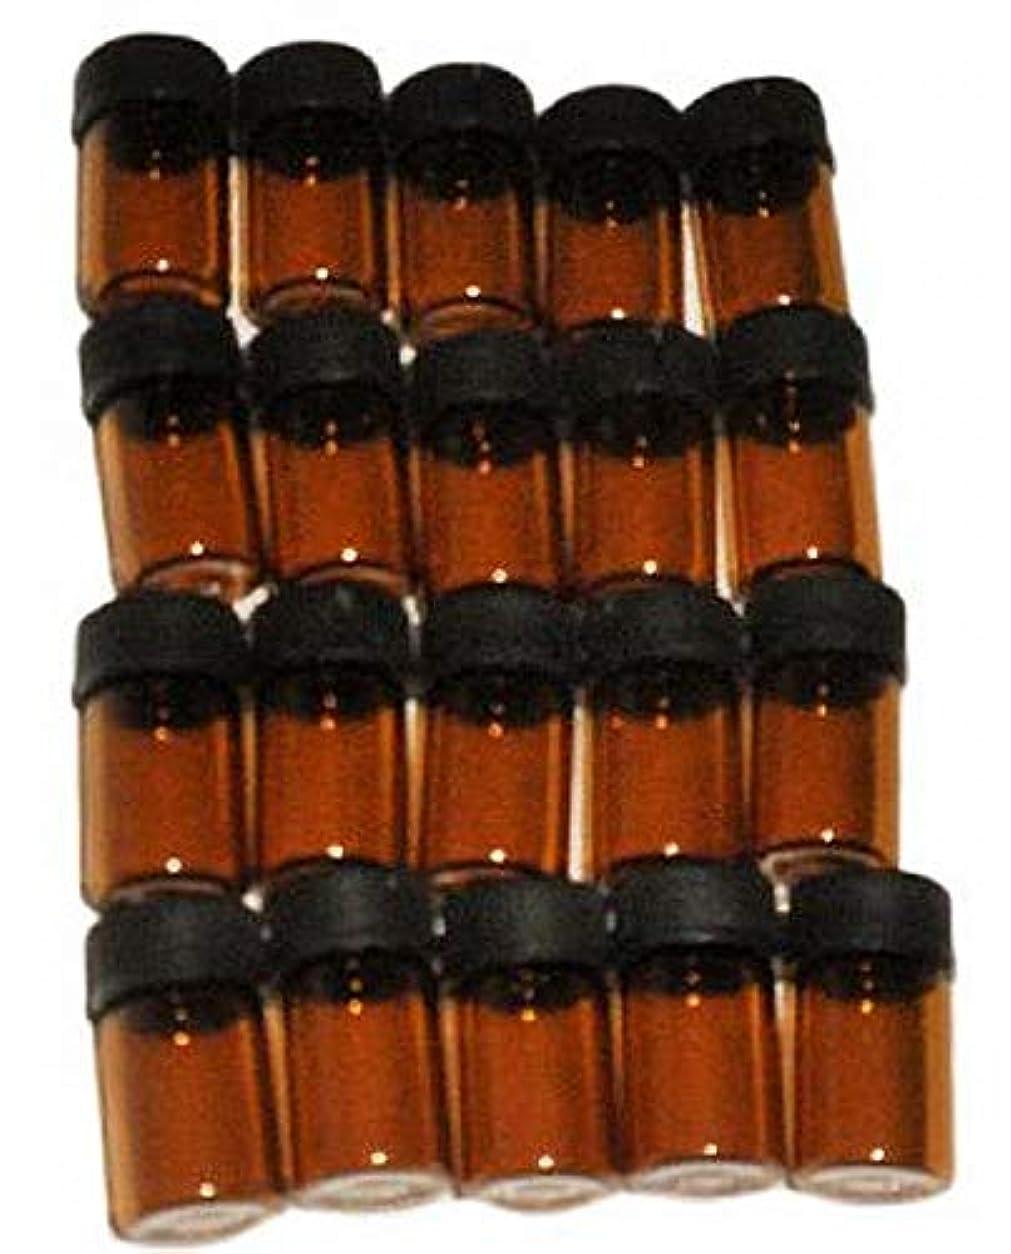 に応じてアピール気づく【好縁店舗】 遮光瓶 アロマ 2ml 20本セット 保存容器 日を通さない瓶